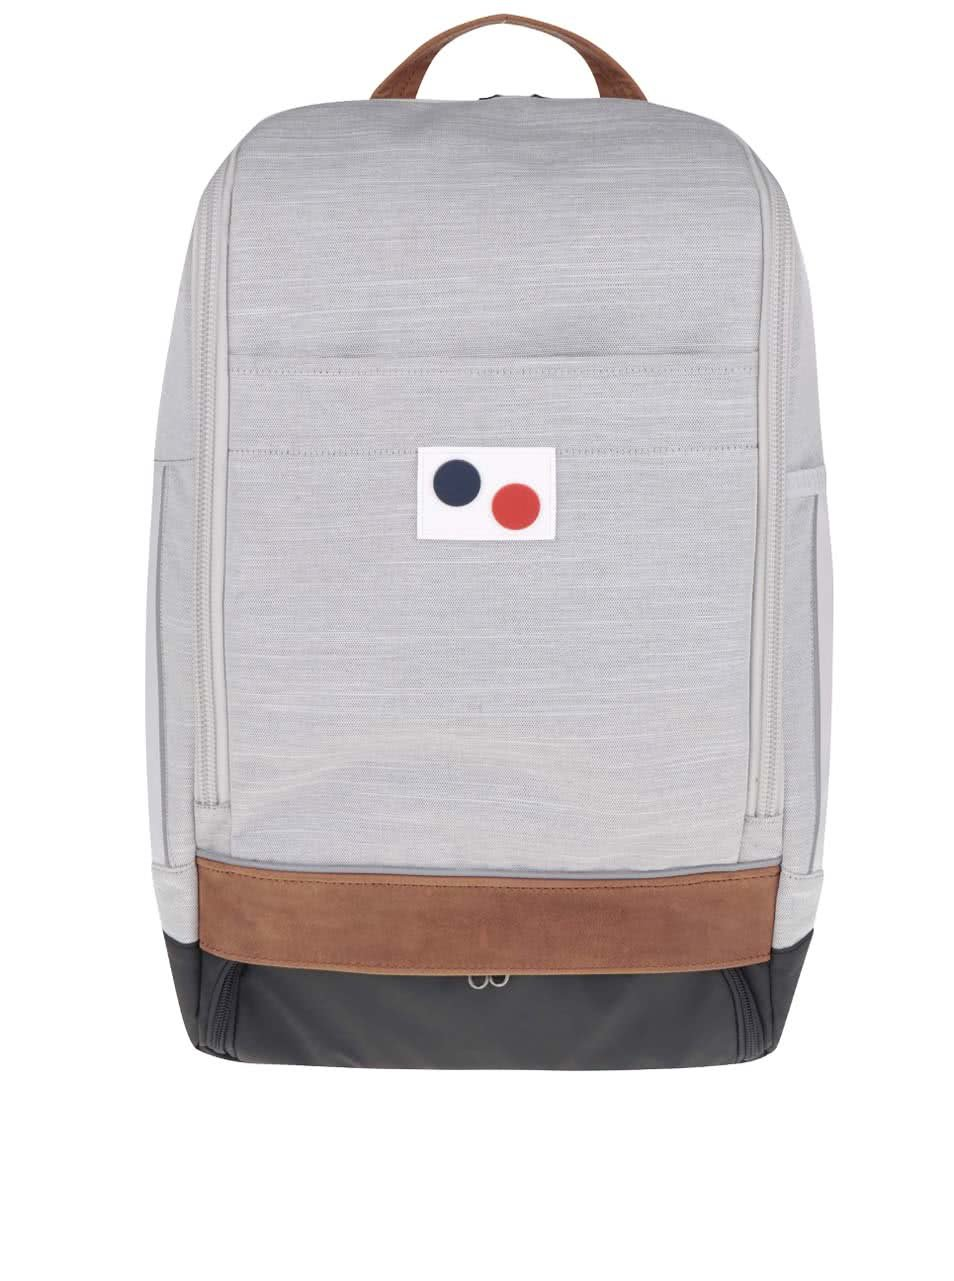 Černo-šedý unisex batoh Pinqponq Cubik Large 22 l